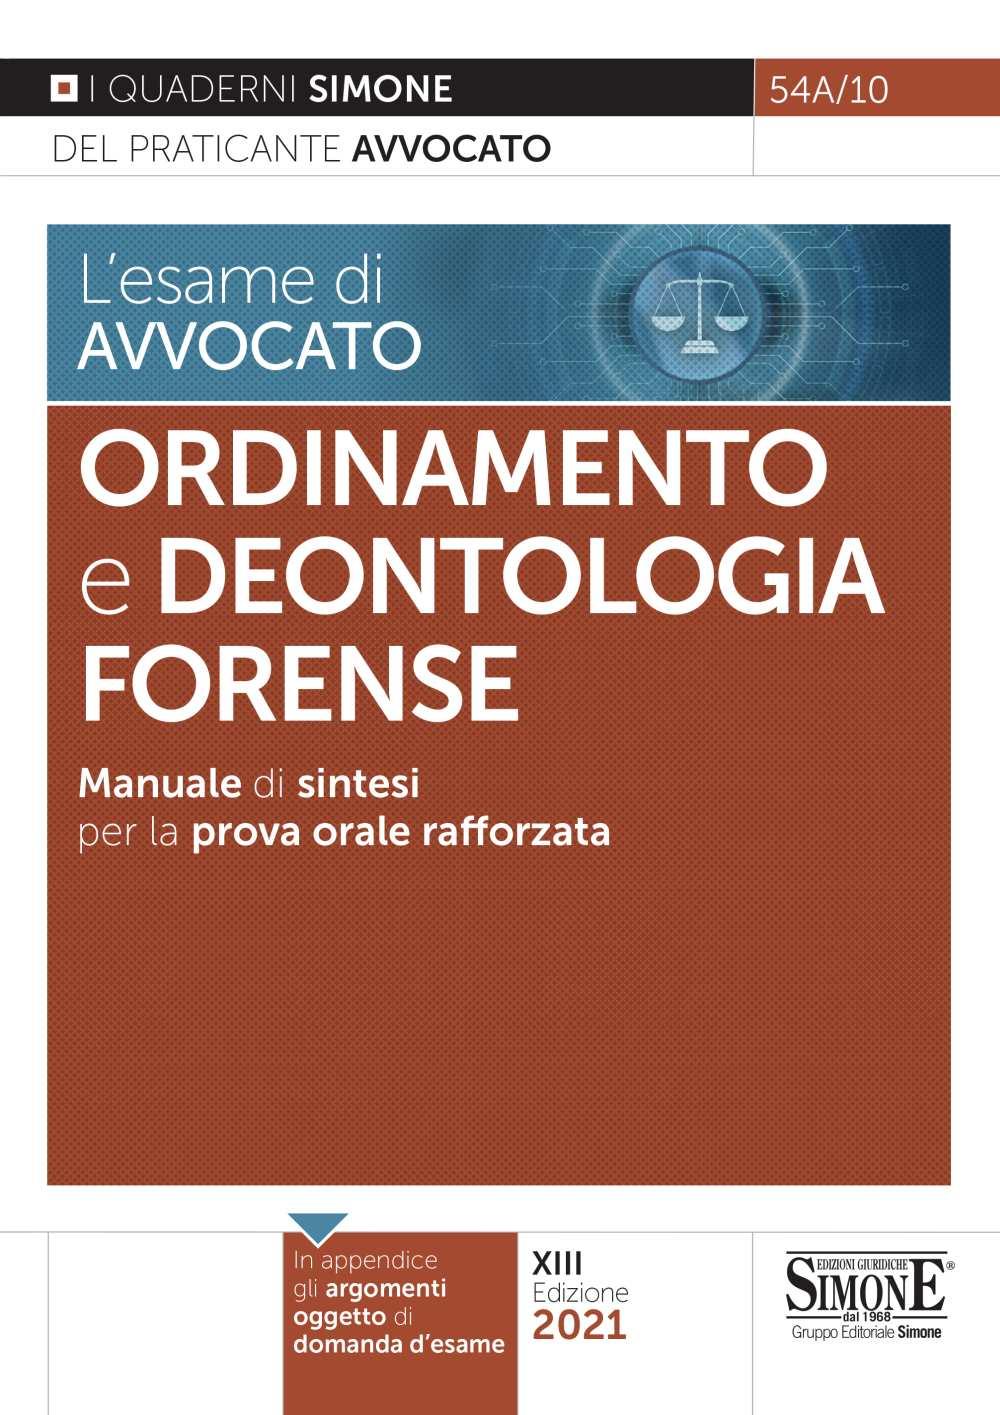 L'esame di avvocato - Ordinamento e Deontologia Forense - Manuale